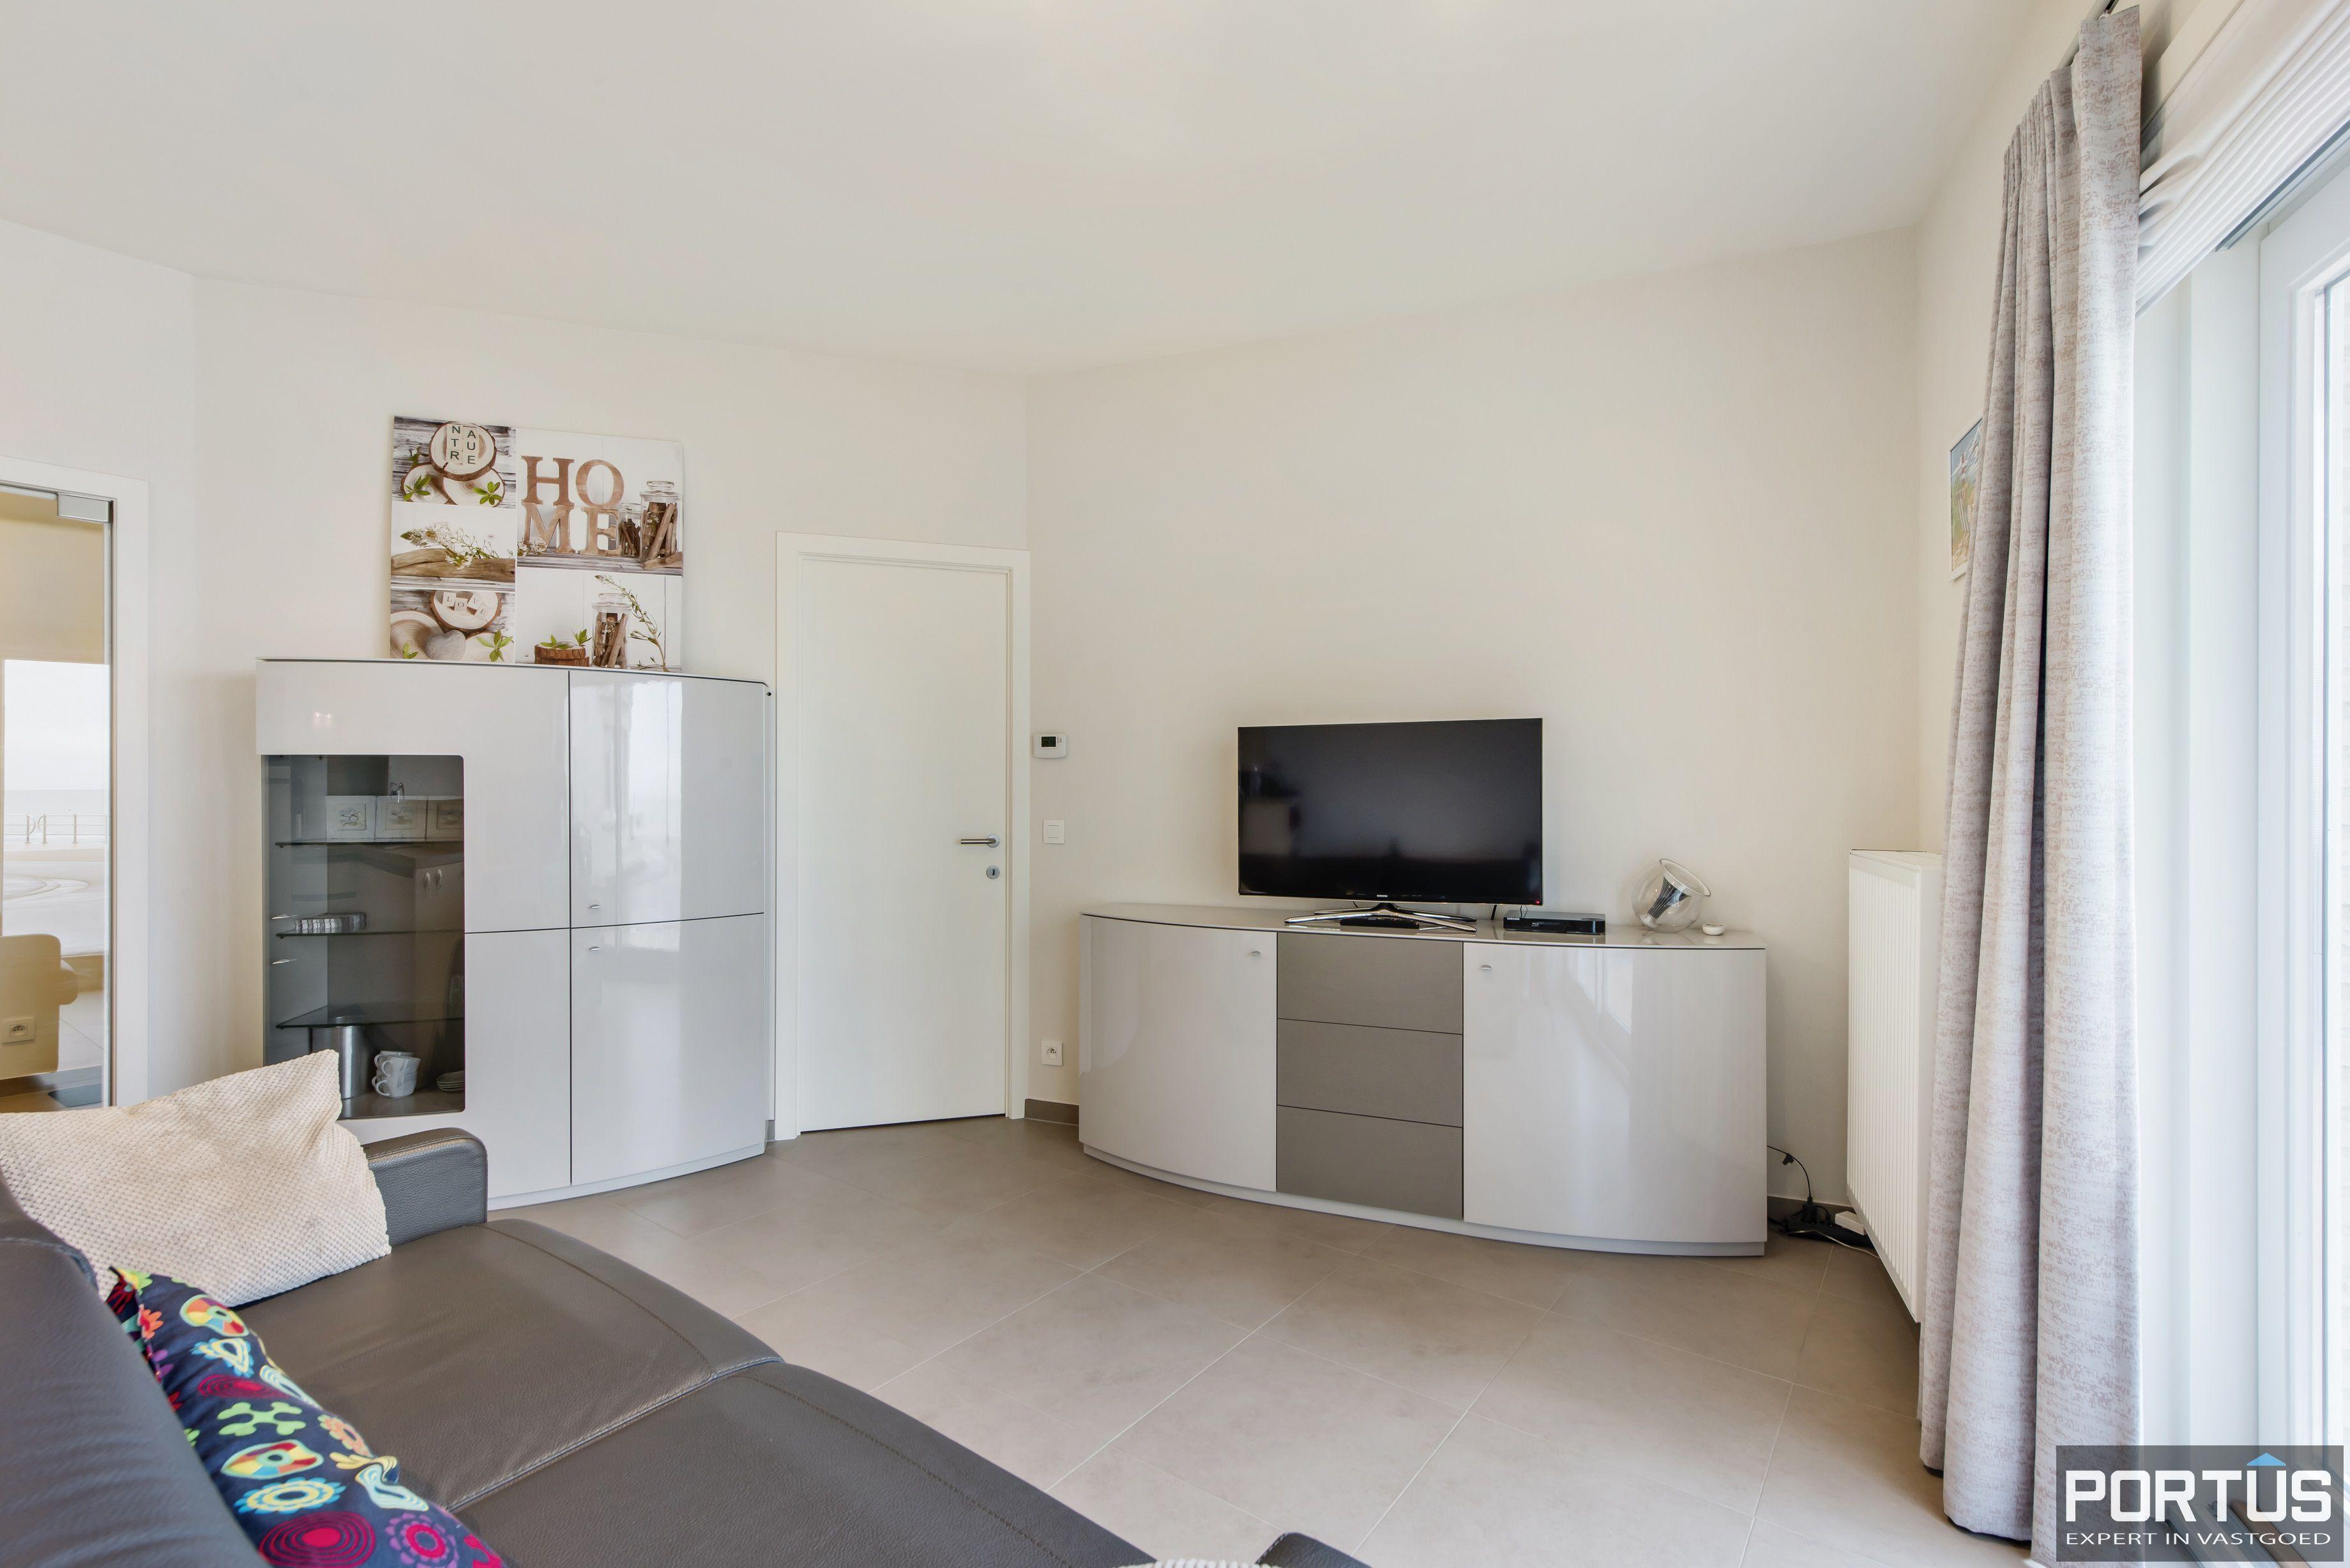 Recent appartement met zeezicht te koop te Westende - 11379